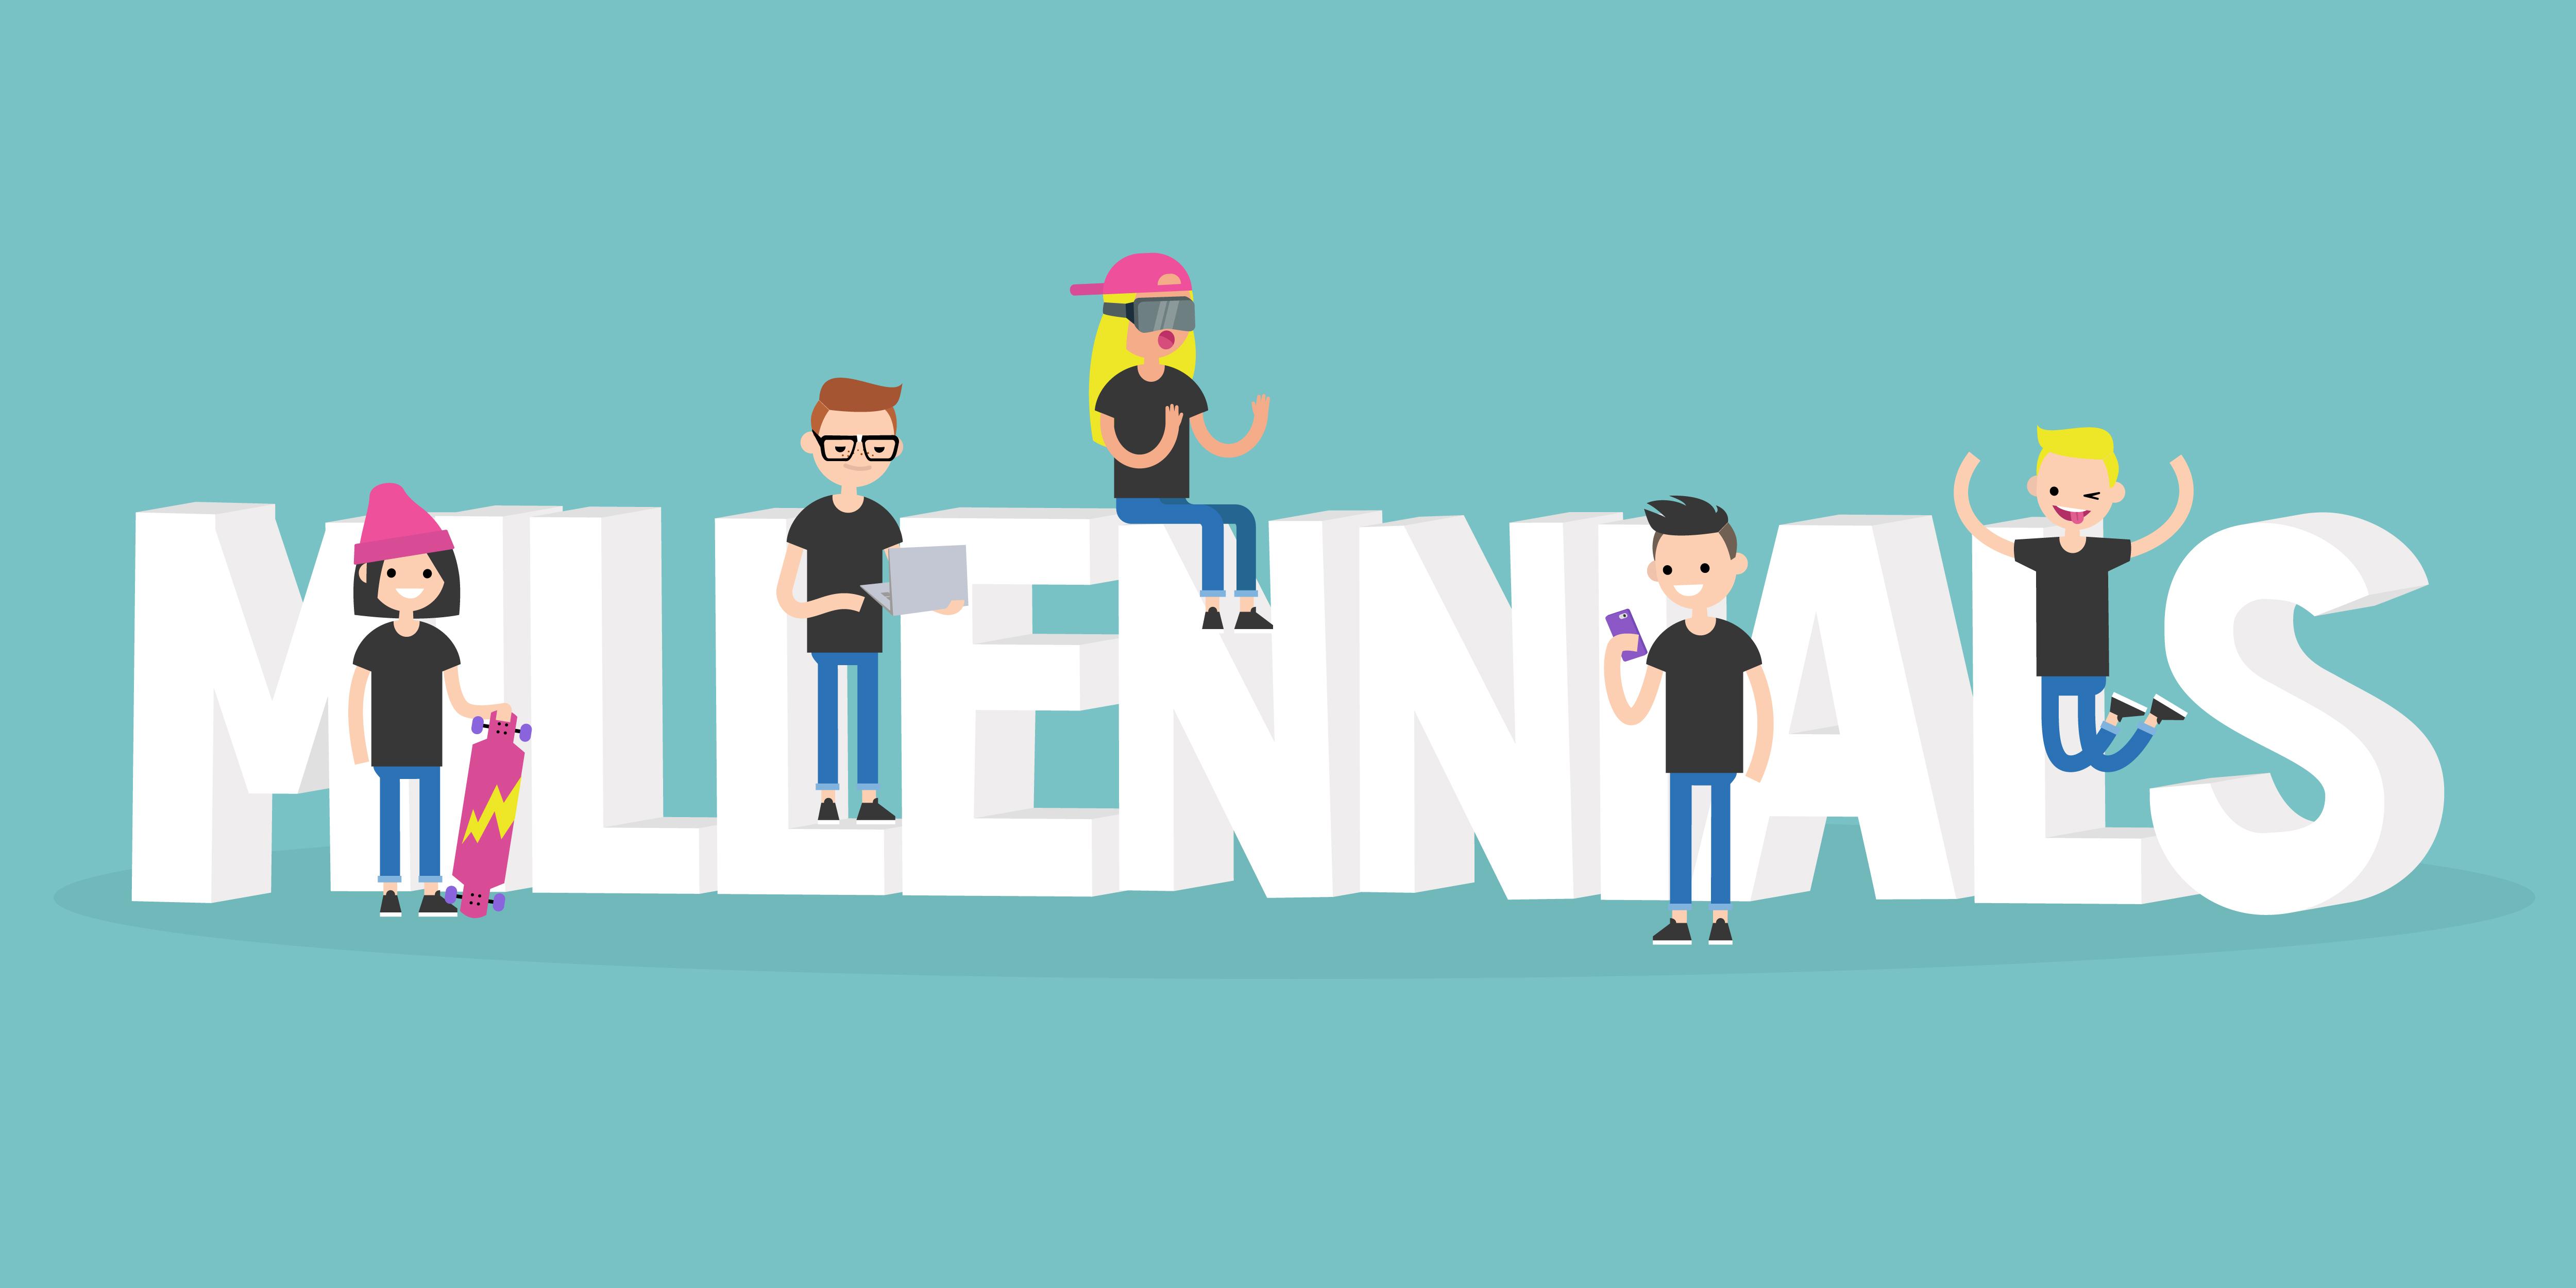 2019 trend millennials